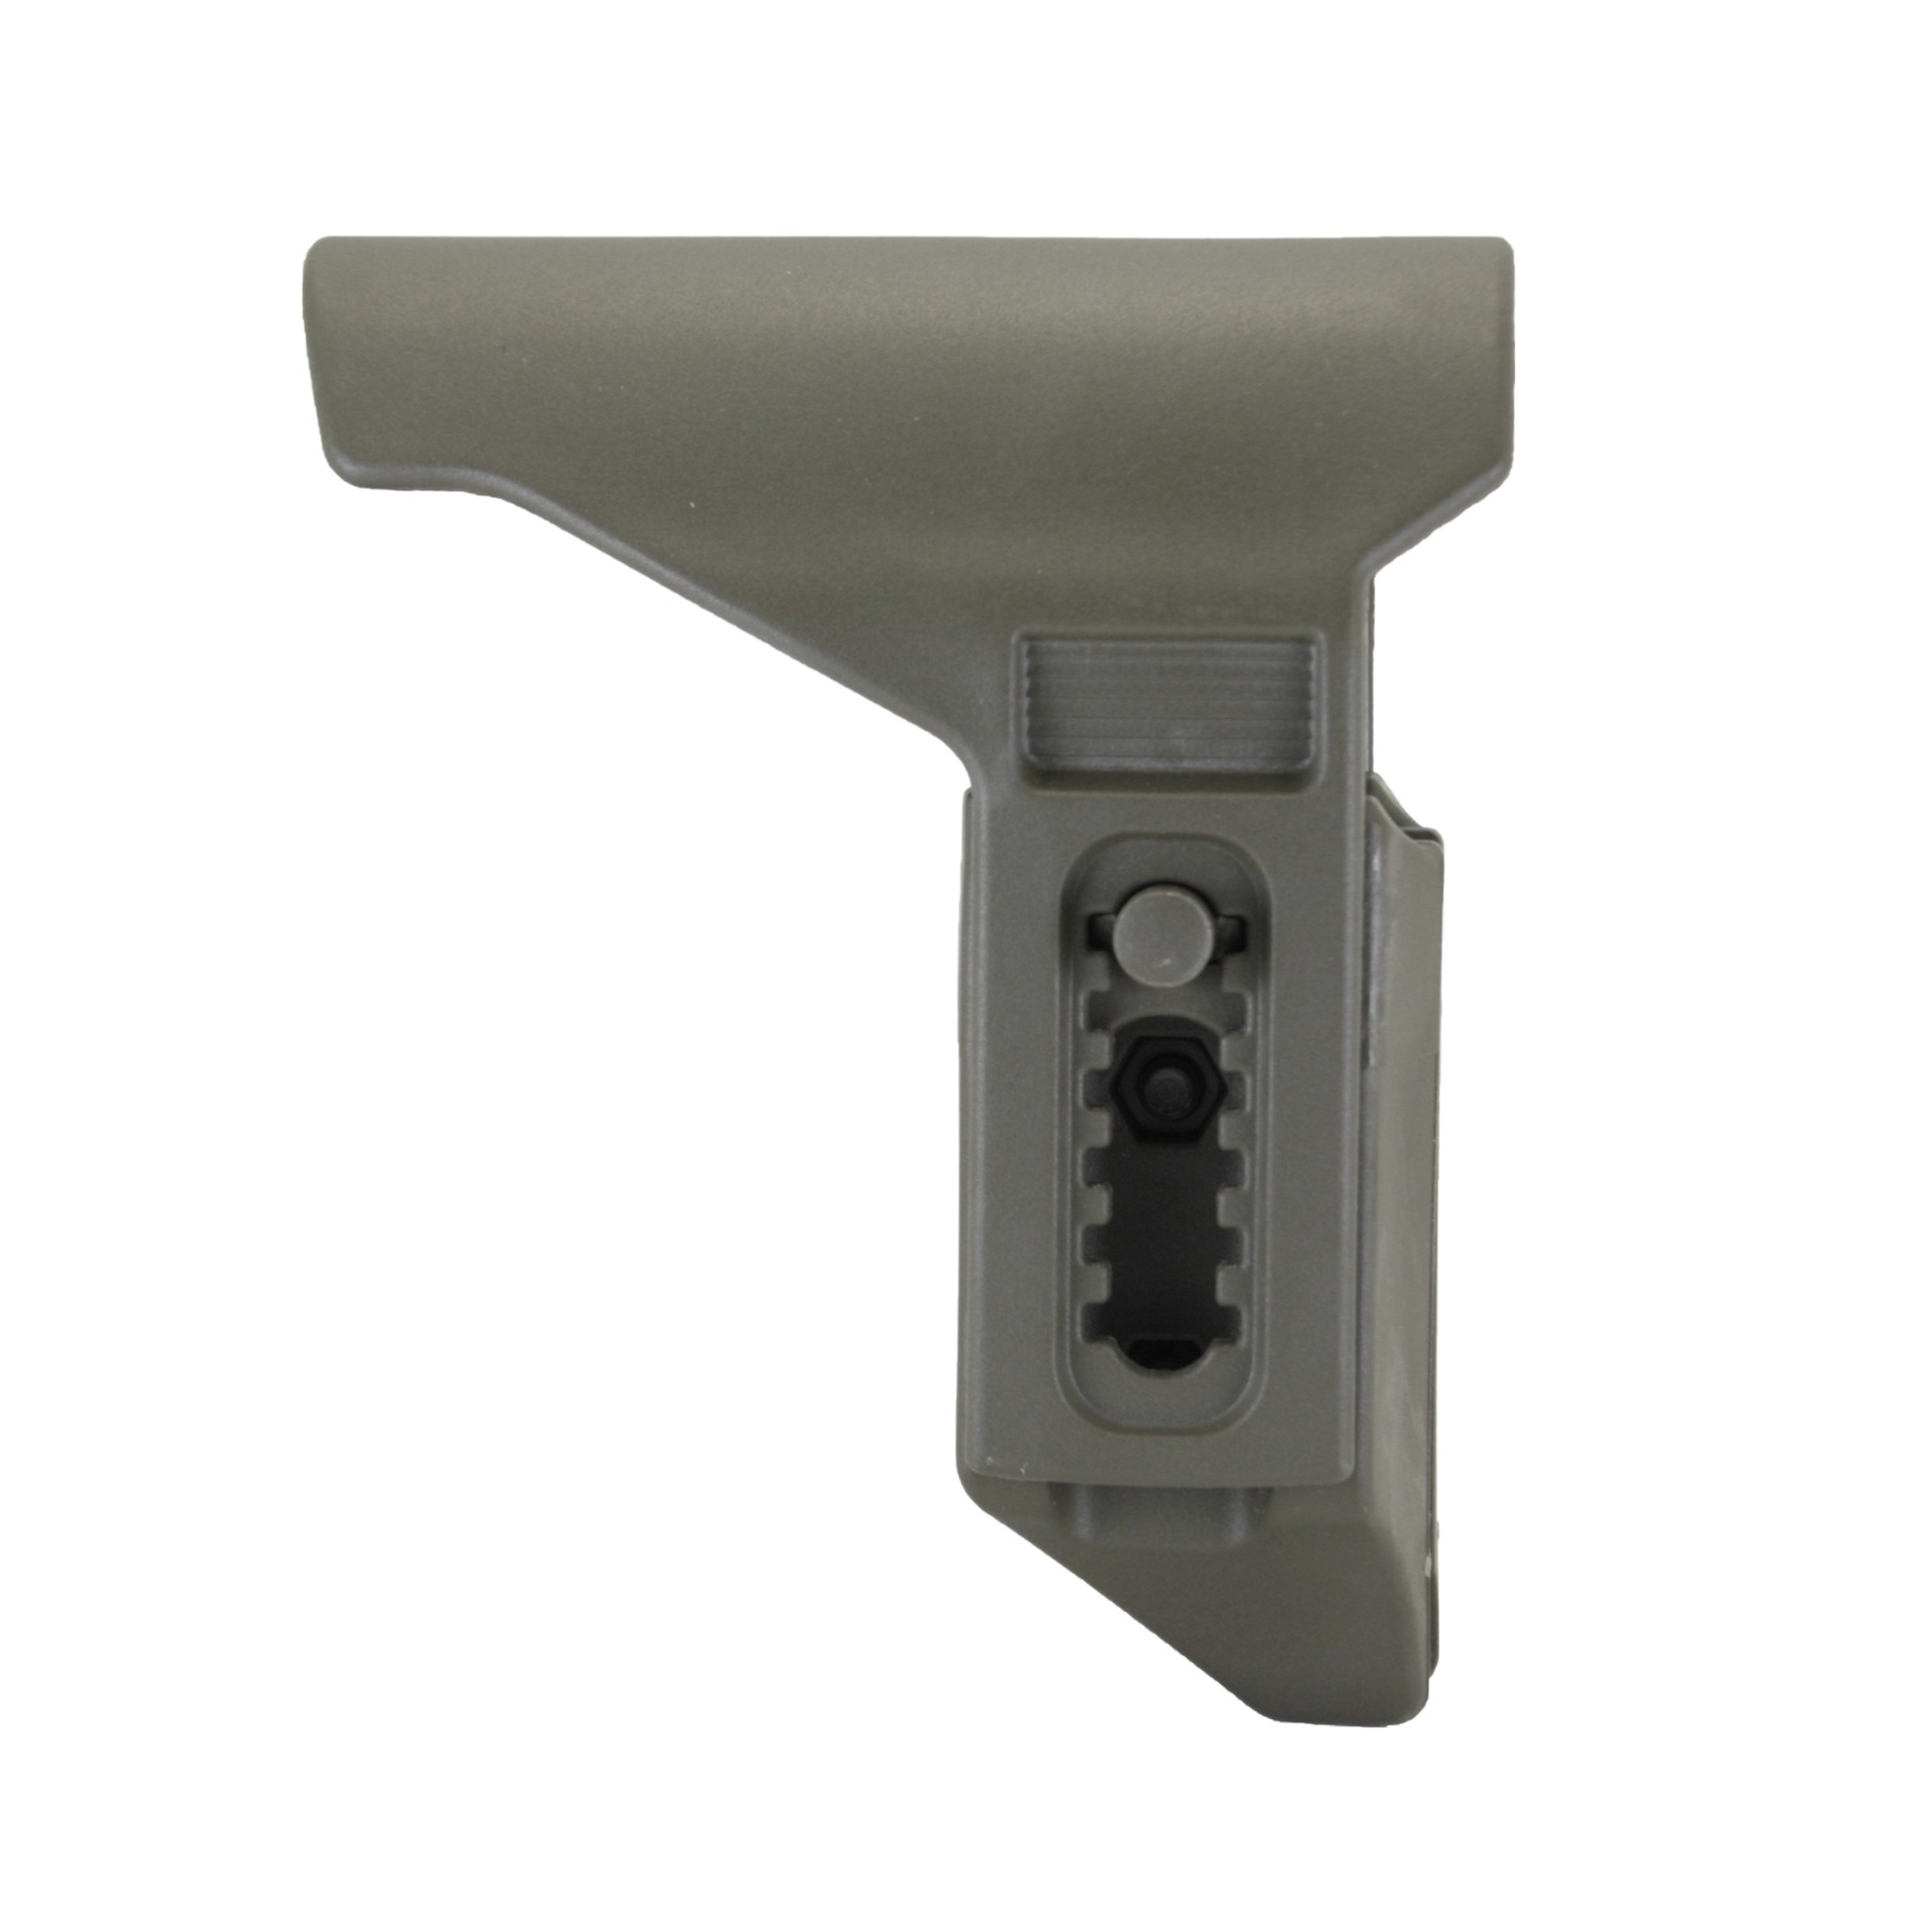 Короткий подщечник для AR для приклада TBS Compact, DLG Tactical - оливковый цвет